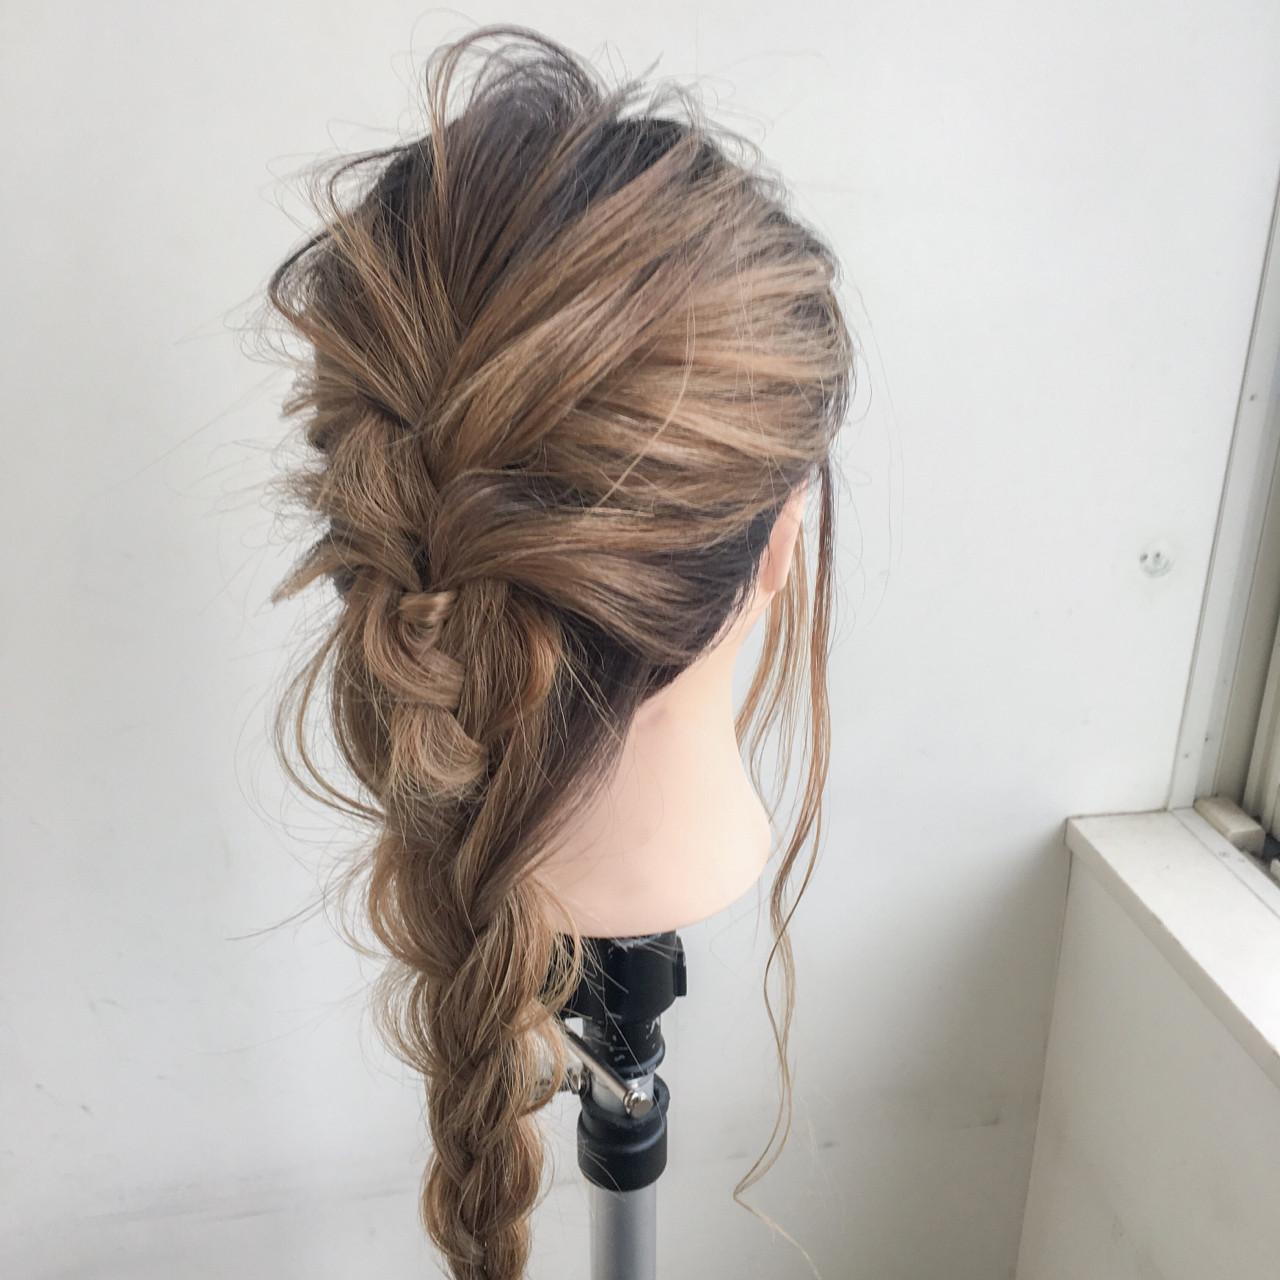 アウトドア 外国人風 ストリート グレージュ ヘアスタイルや髪型の写真・画像